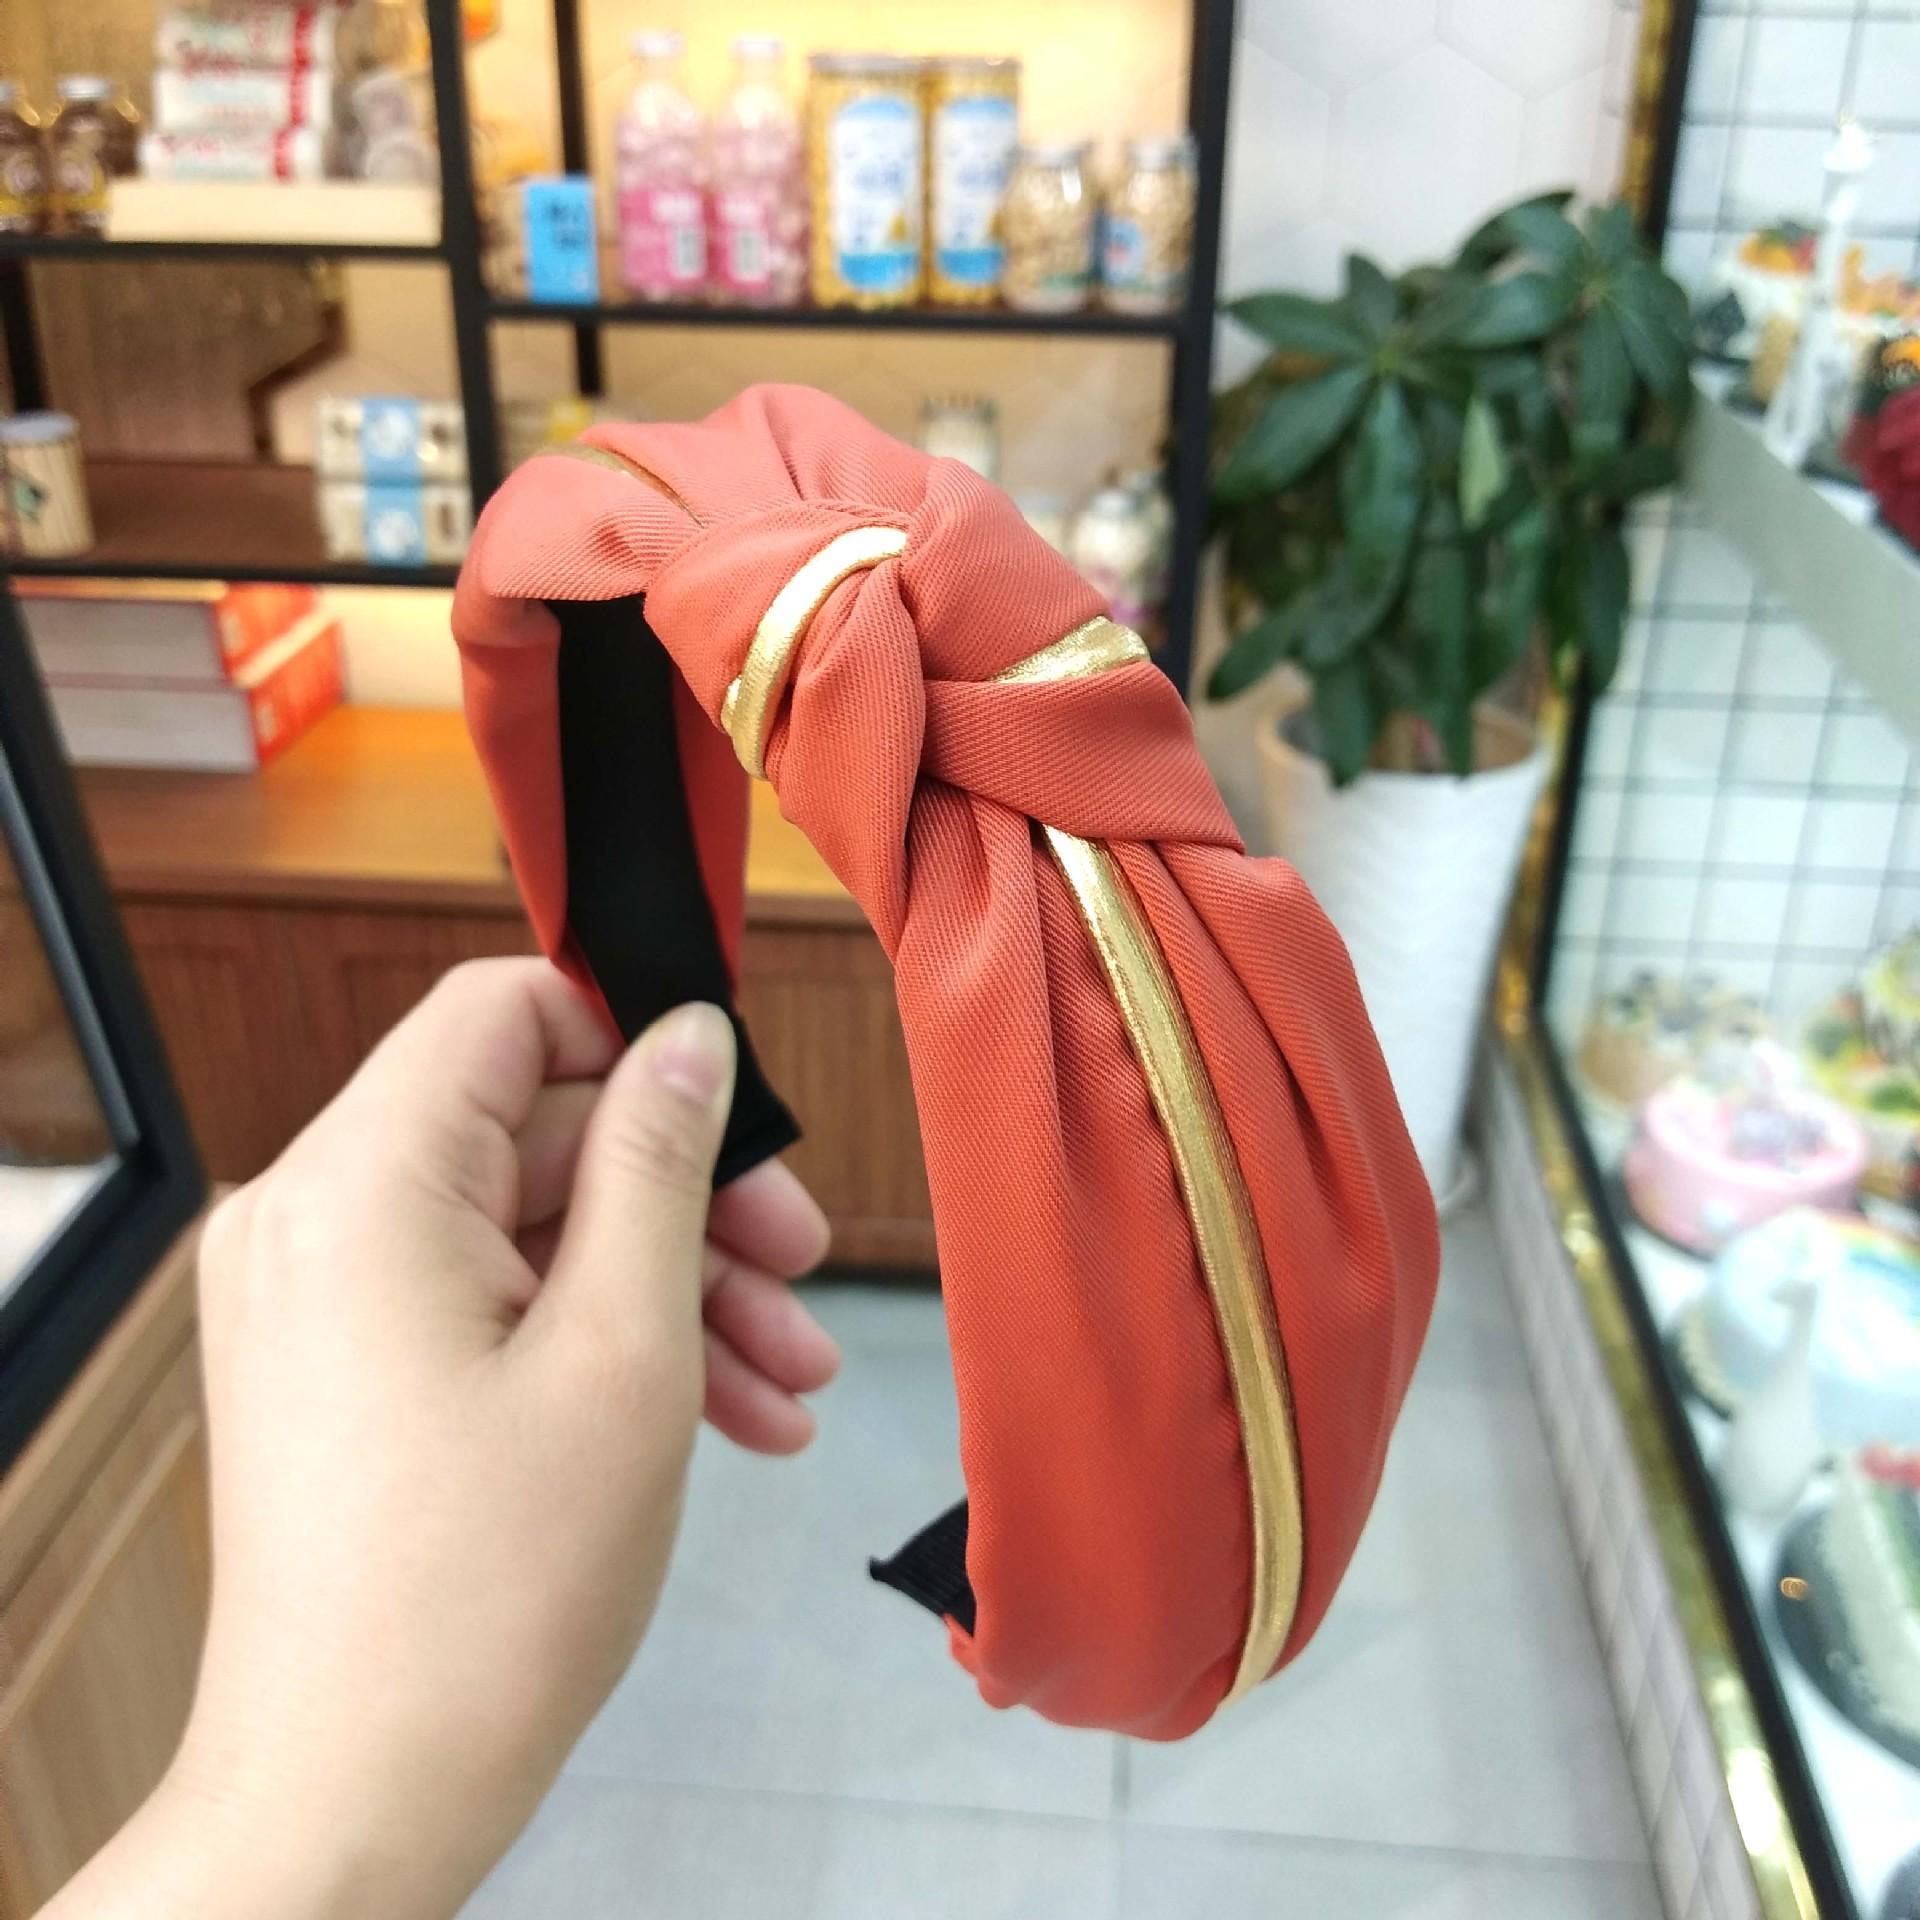 الكلاسيكية البرتقال Hairbands فتاة والأناقة الشعر التعادل اكسسوارات المرأة الجديدة فرق بسيط شعر هوب أغطية الرأس